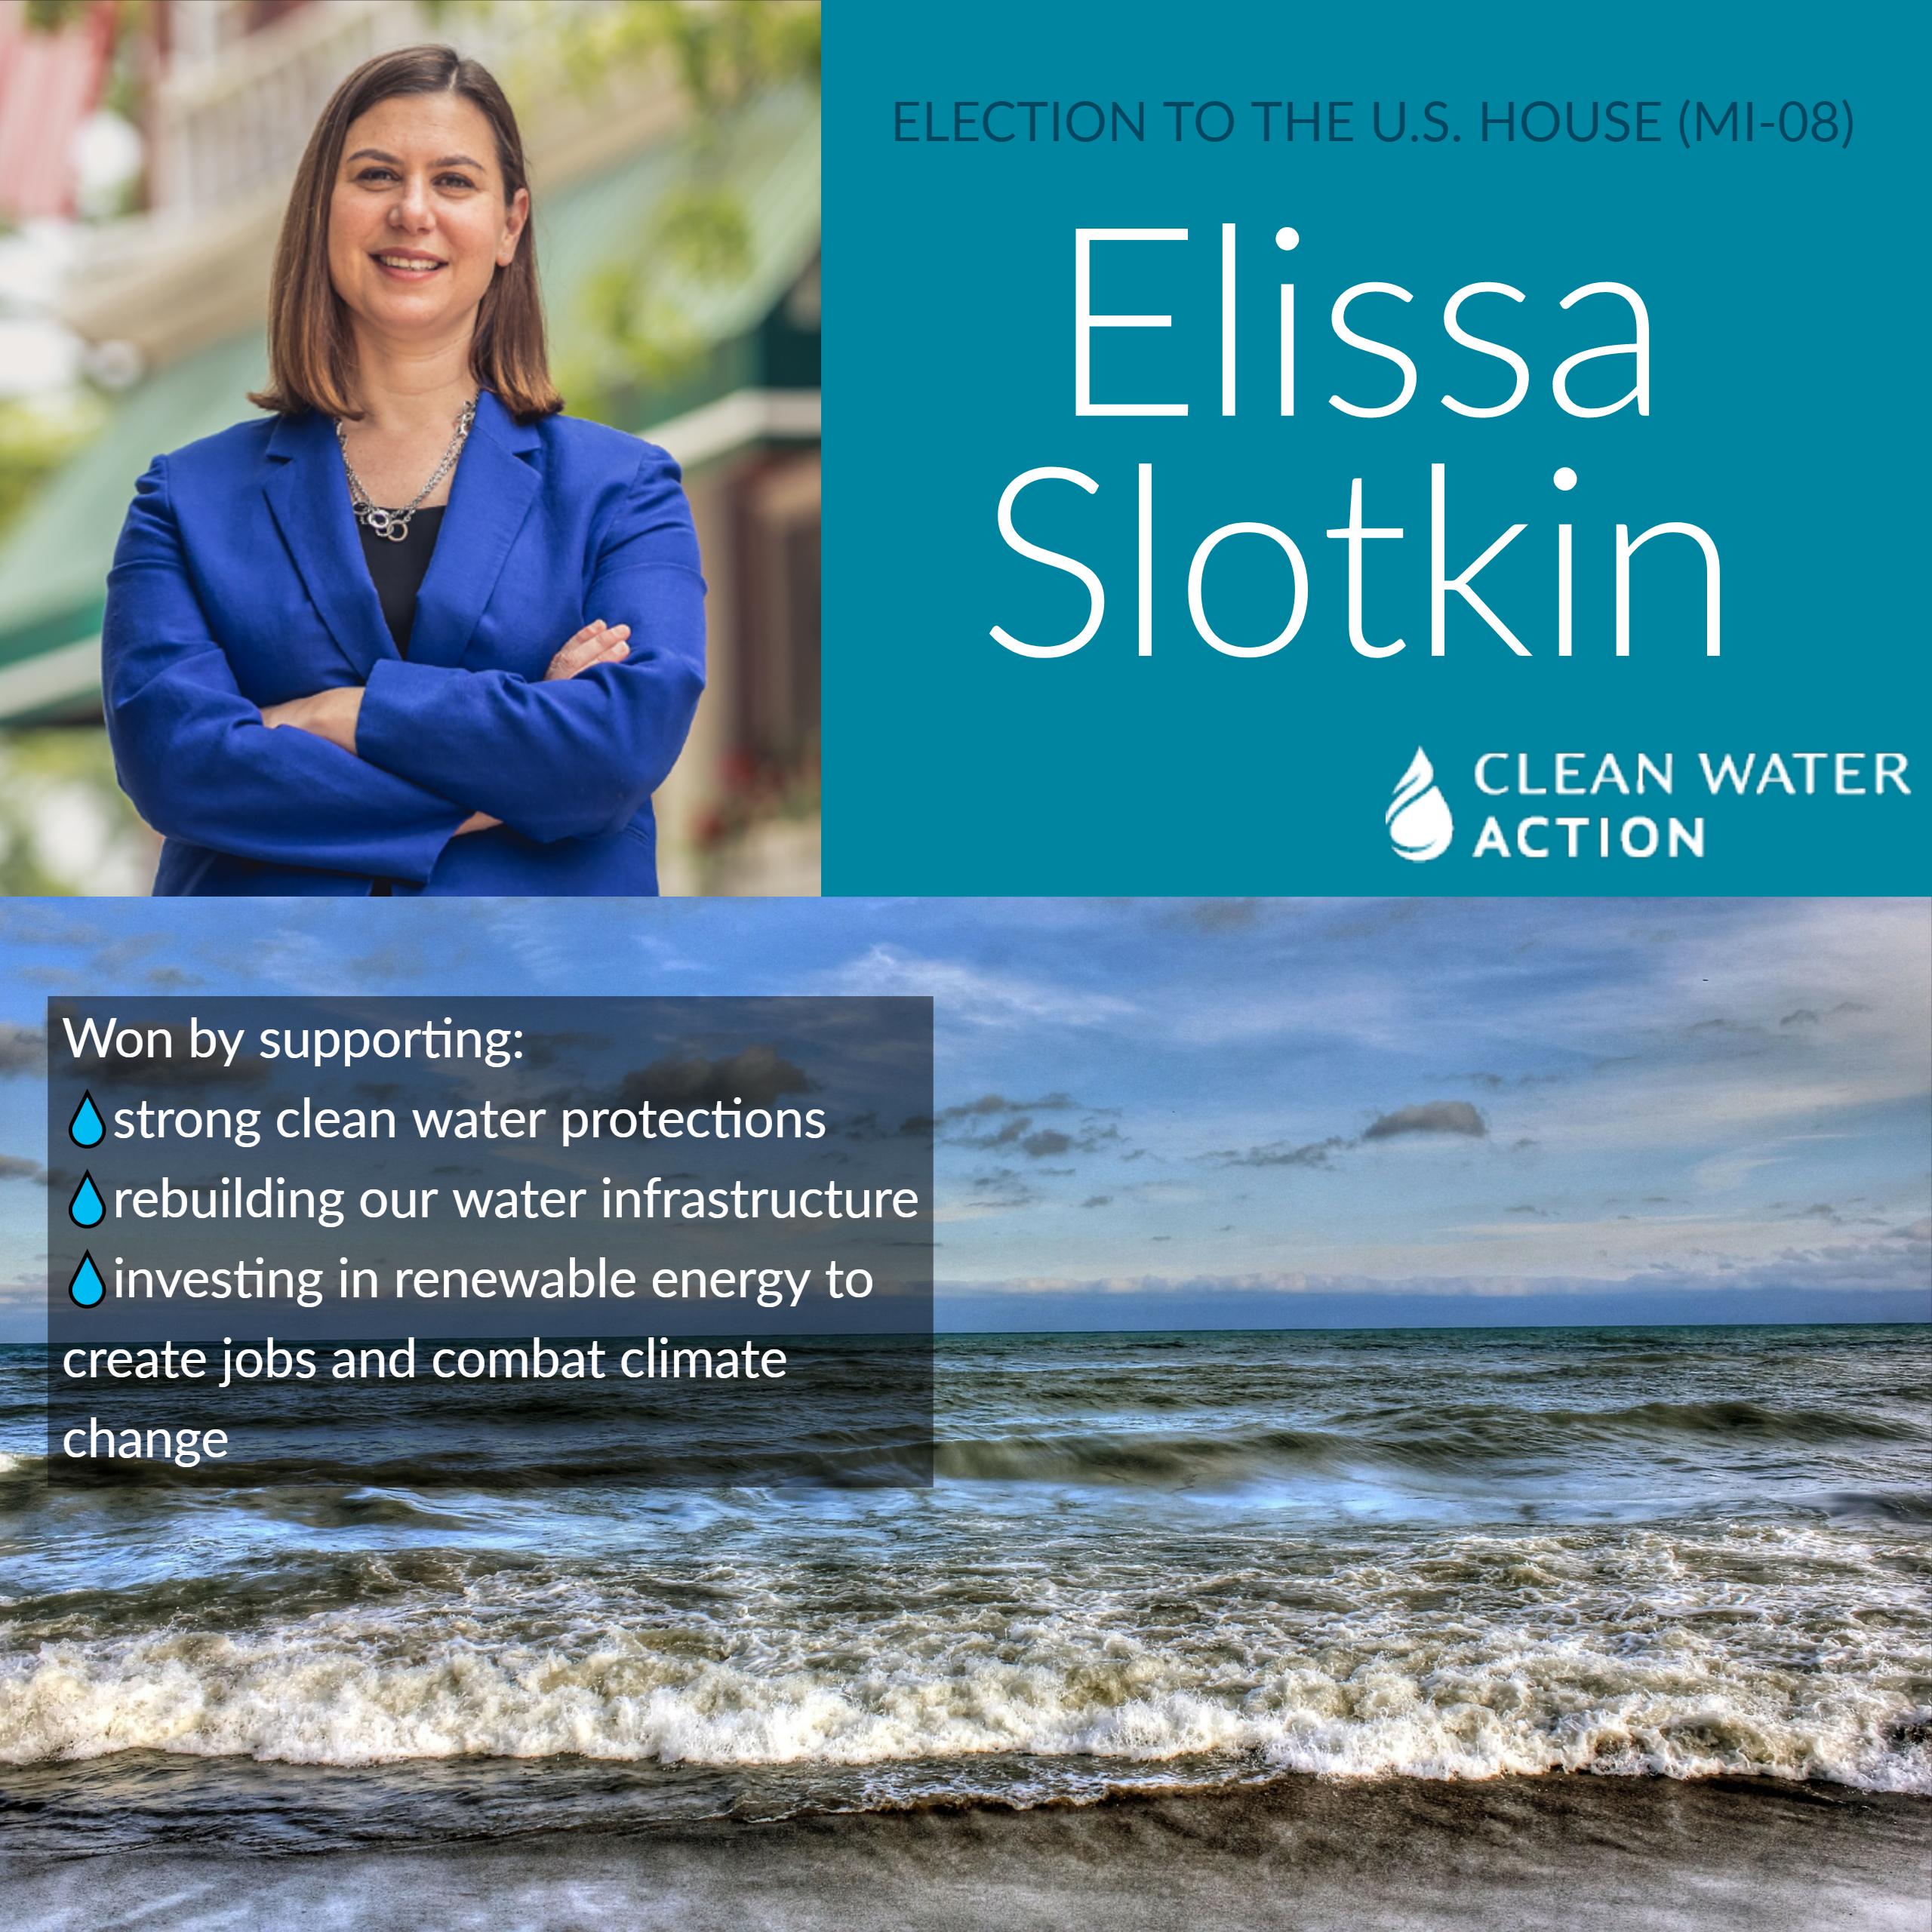 Elissa Slotkin